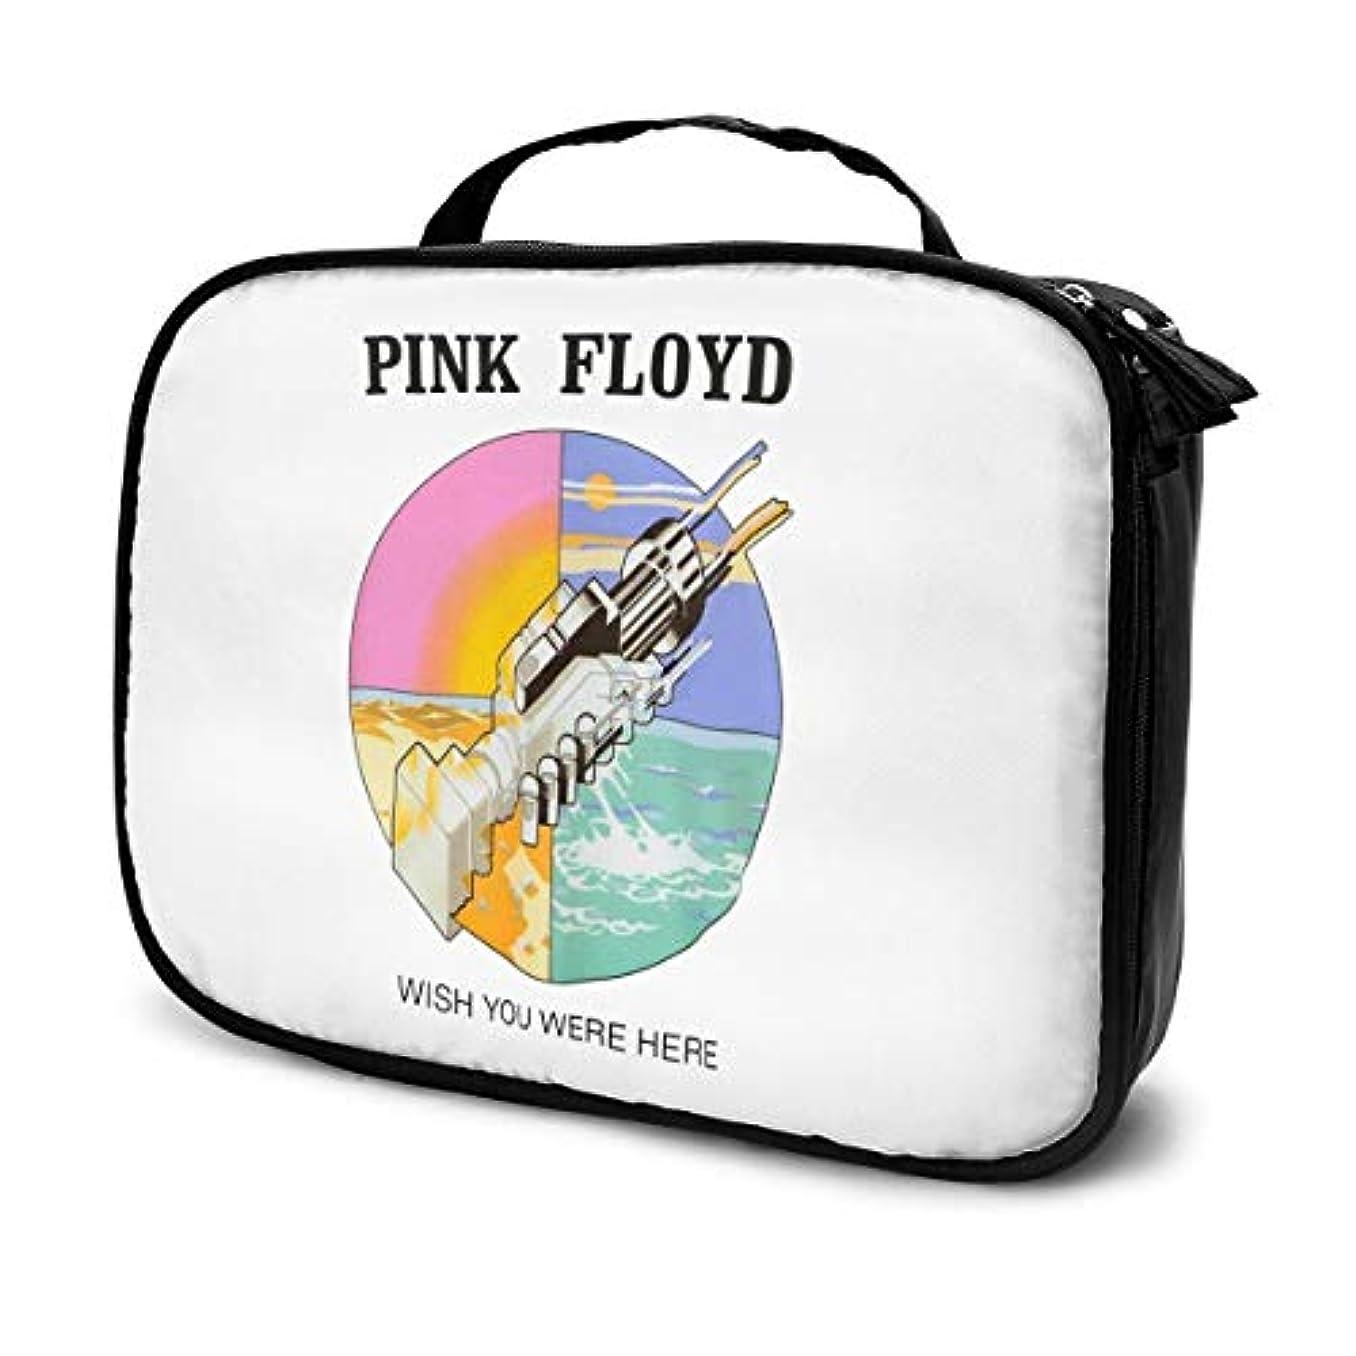 趣味後ろ、背後、背面(部ライムピンク?フロイド Pink Floyd 化粧ポーチ 化粧ケース メイクアップケース コスメポーチ メイクポーチ 機能的 大容量 乾式/湿式分離 吊り下げ 防水 収納力抜群 海外旅行 出張 軽量 化粧品収納 小物入れ 普段使い 持ち運び 人気 メンズ レディース 男女兼用